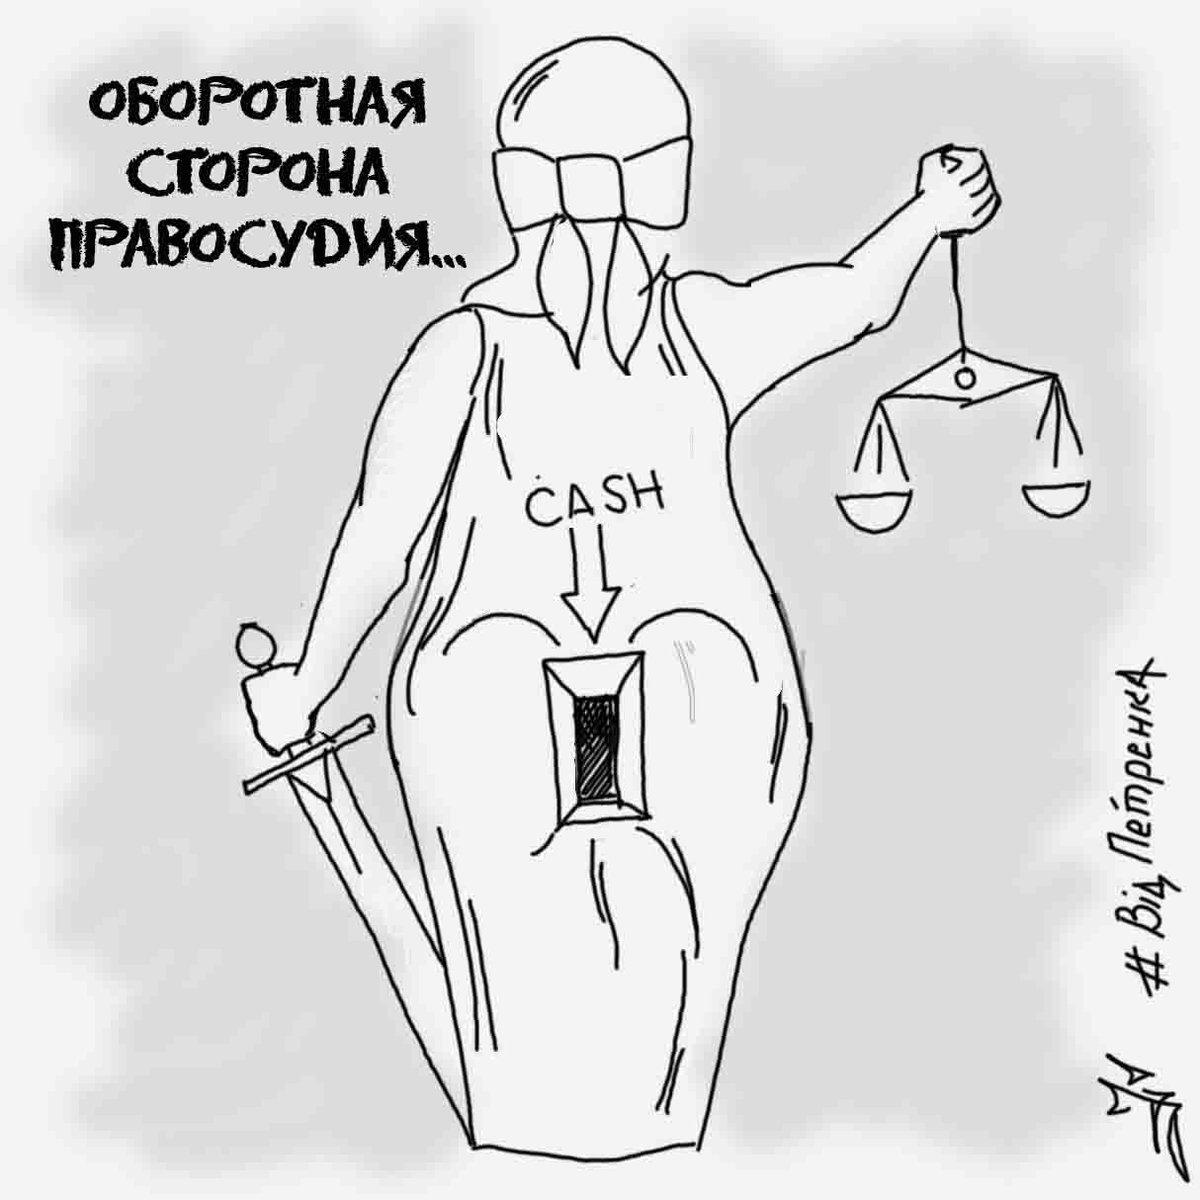 Заседание Высшего совета правосудия - Цензор.НЕТ 9536